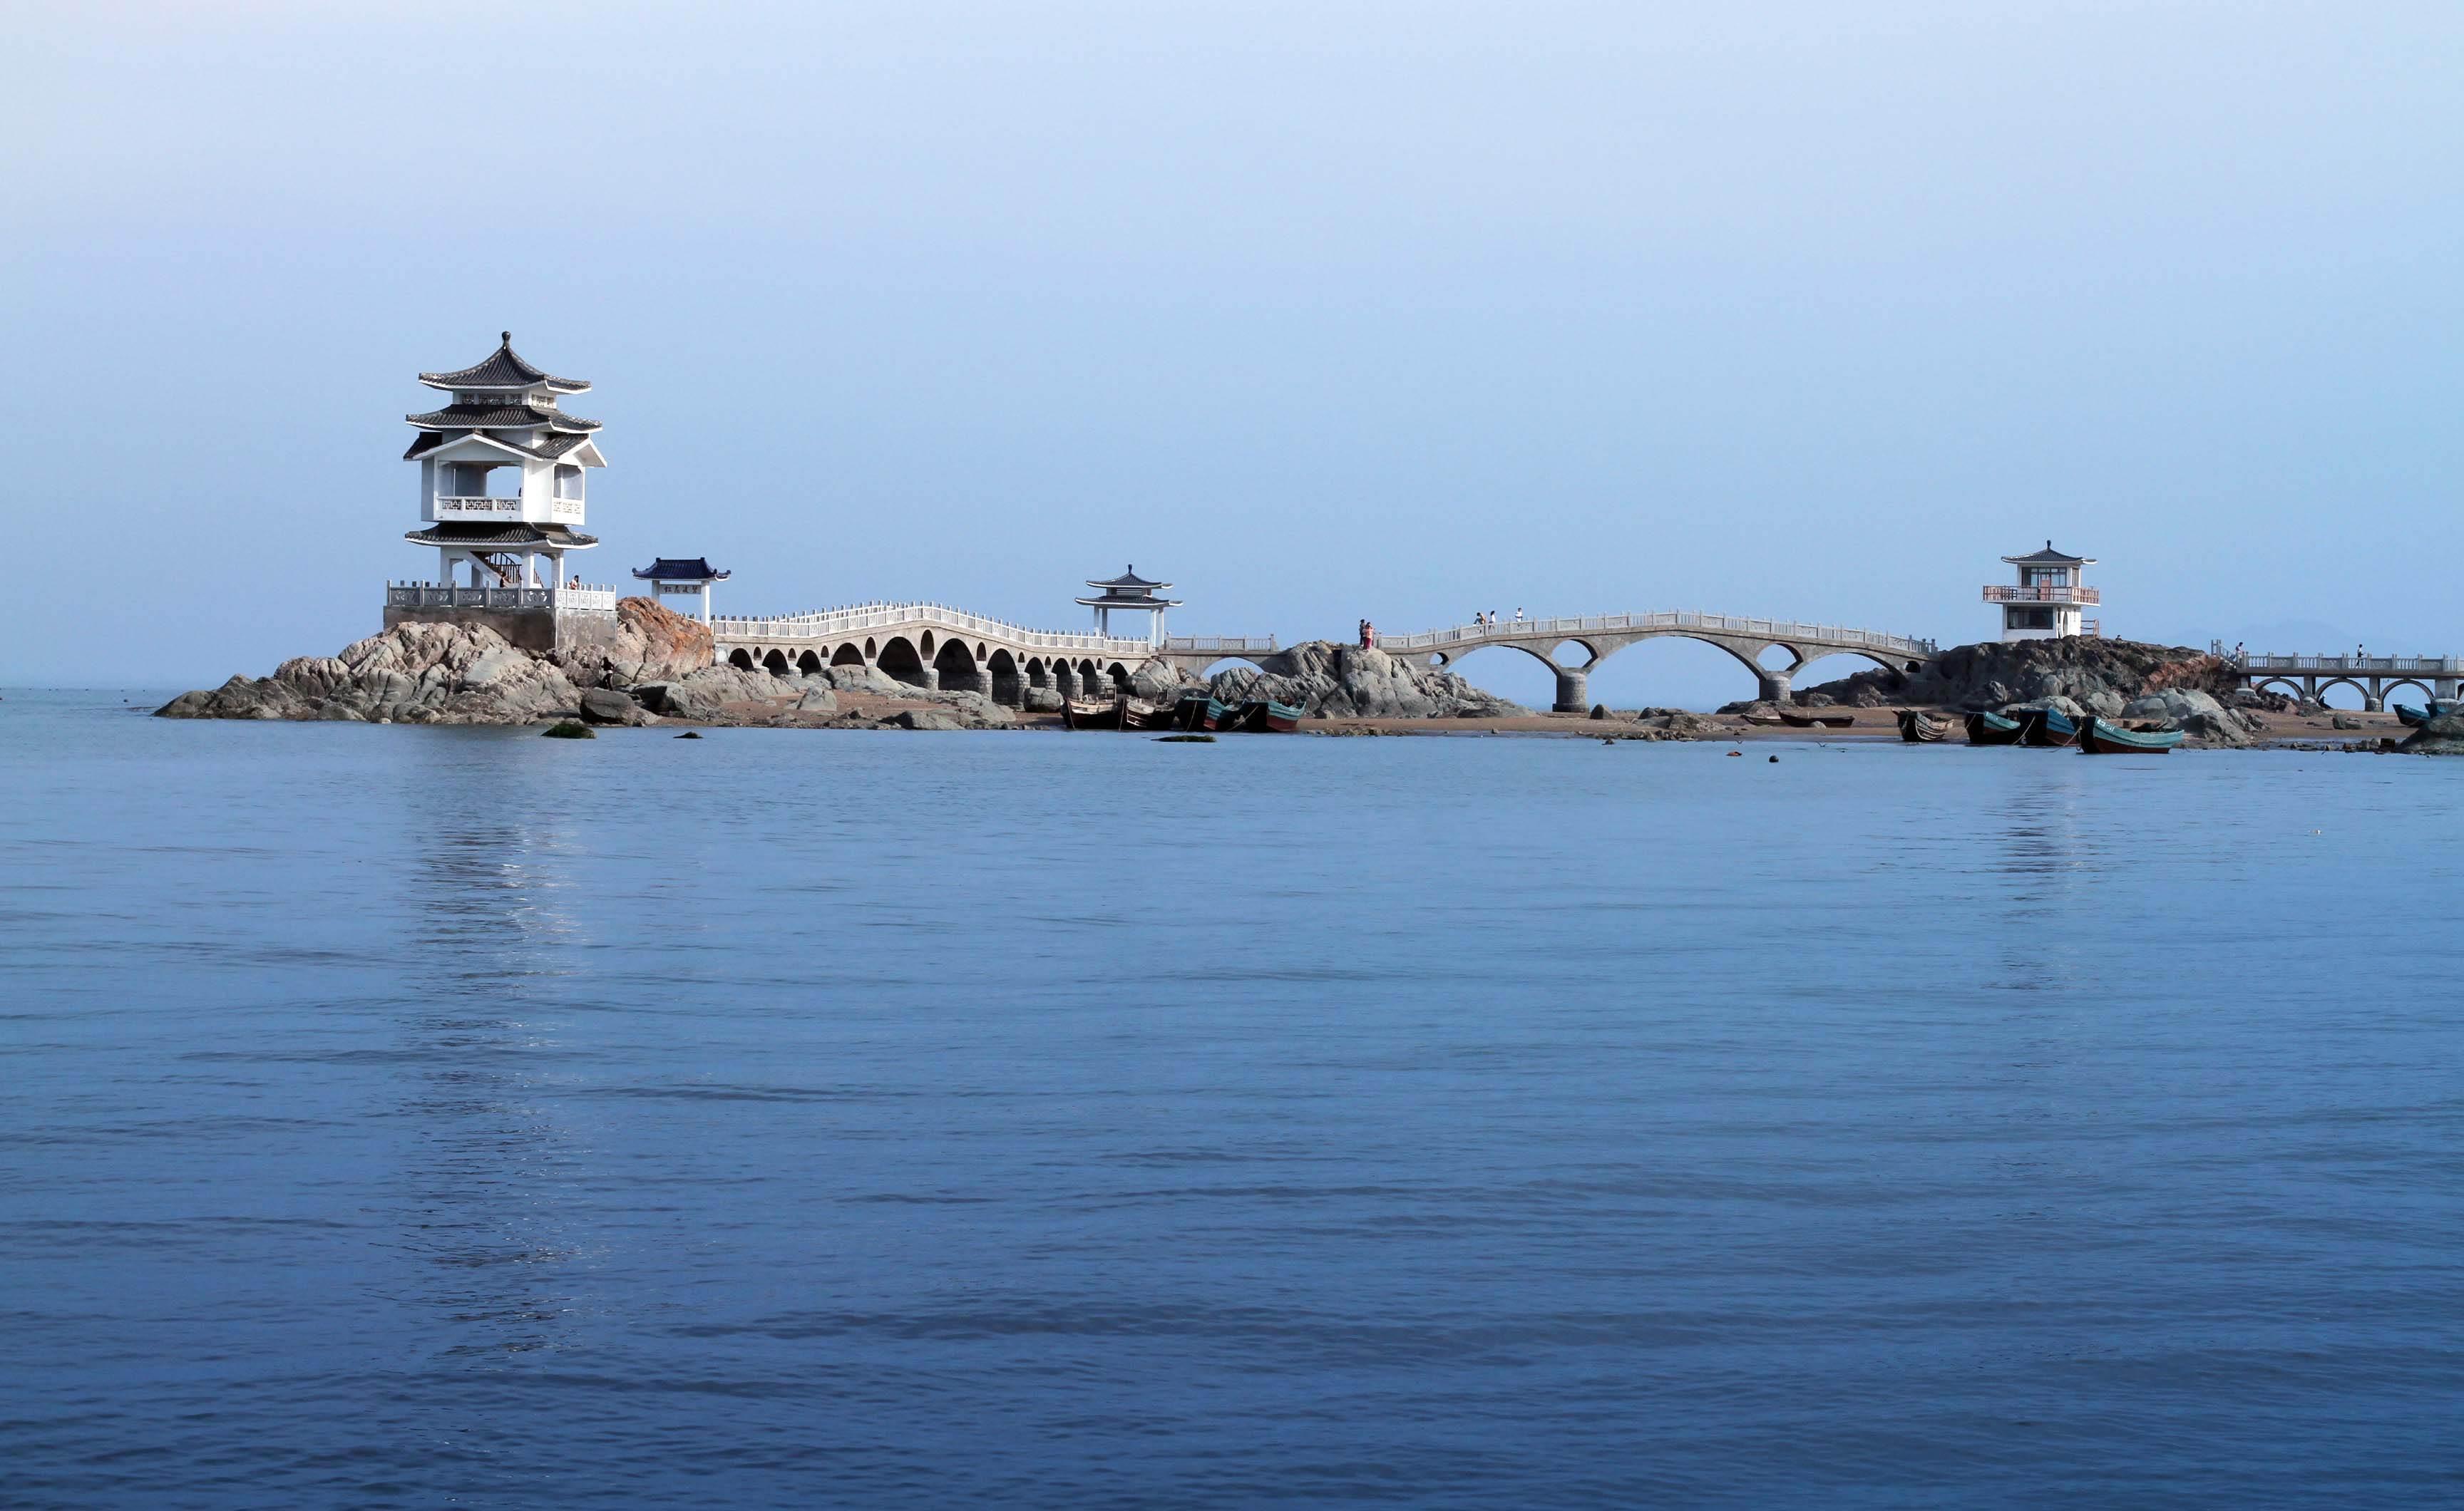 葫芦岛旅游攻略,葫芦岛有什么好玩的地方,葫芦岛十大旅游景区